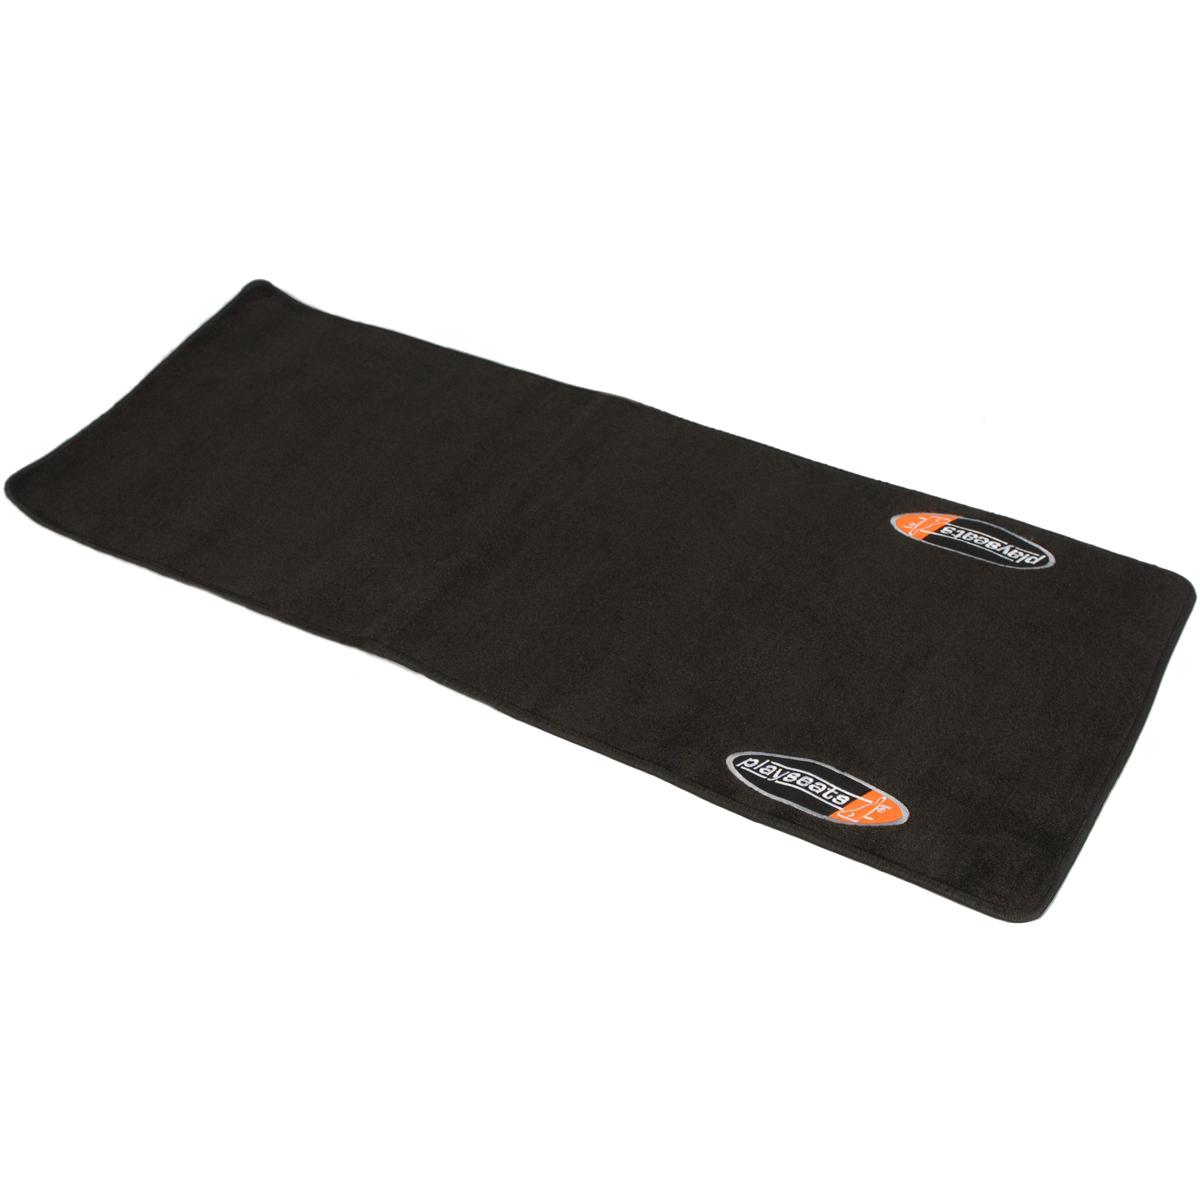 playseats tapis de protection mat noir autres accessoires jeu playseat sur. Black Bedroom Furniture Sets. Home Design Ideas